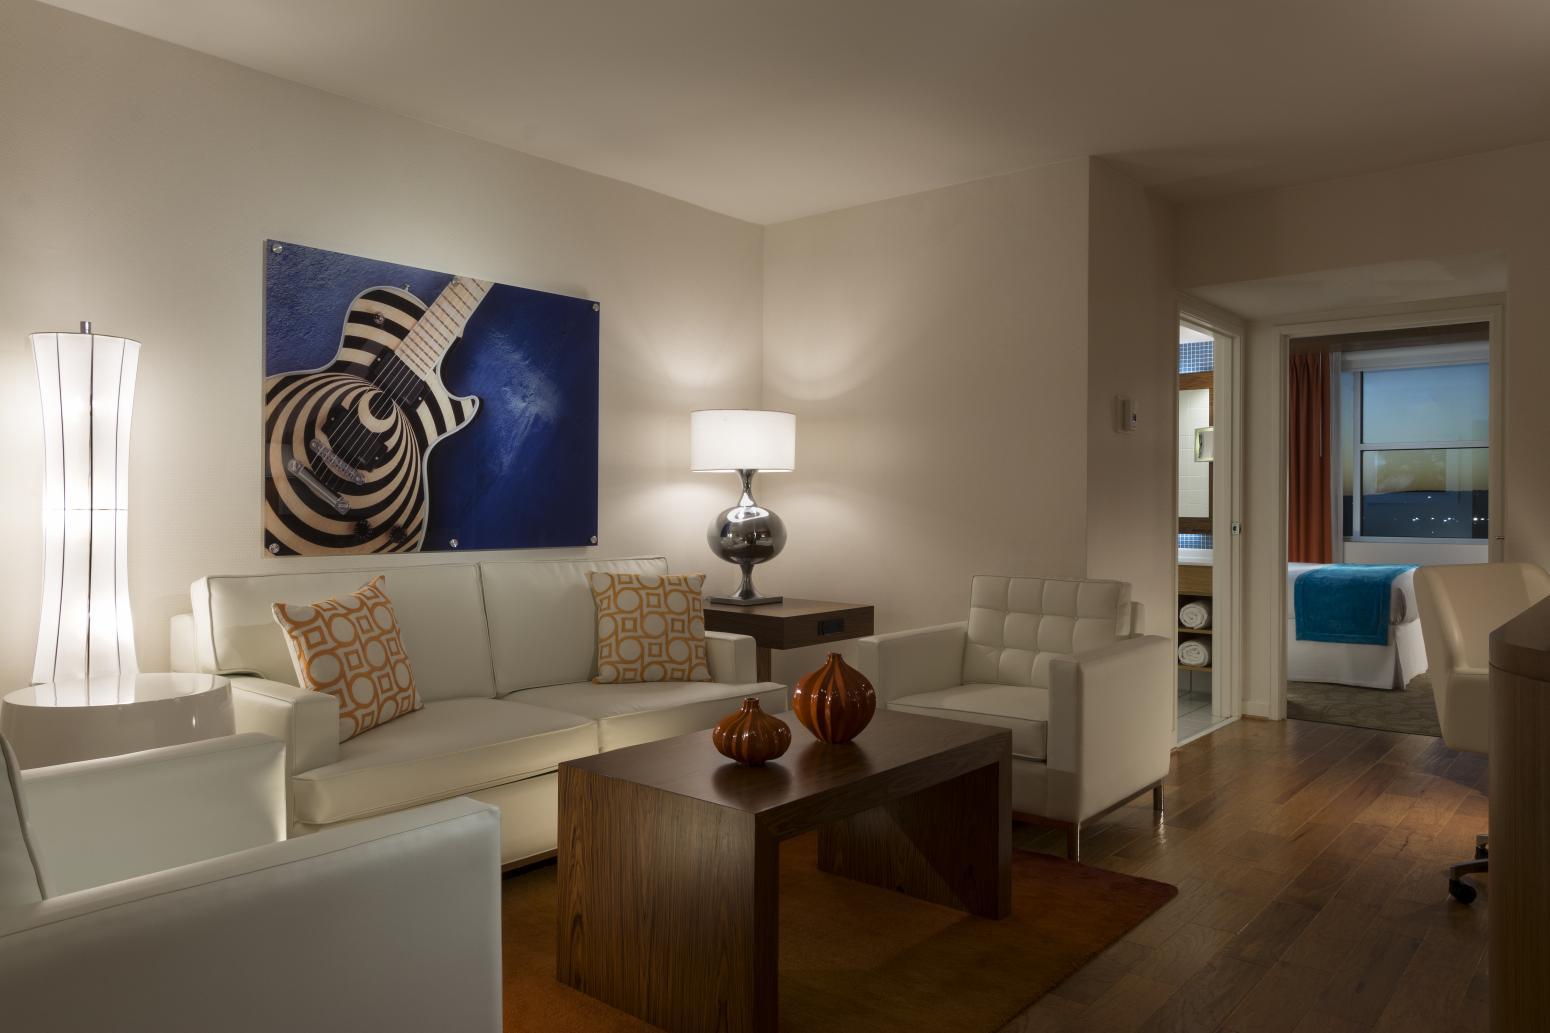 Dallas Hospitality Design · Hotel Interior Design Dallas